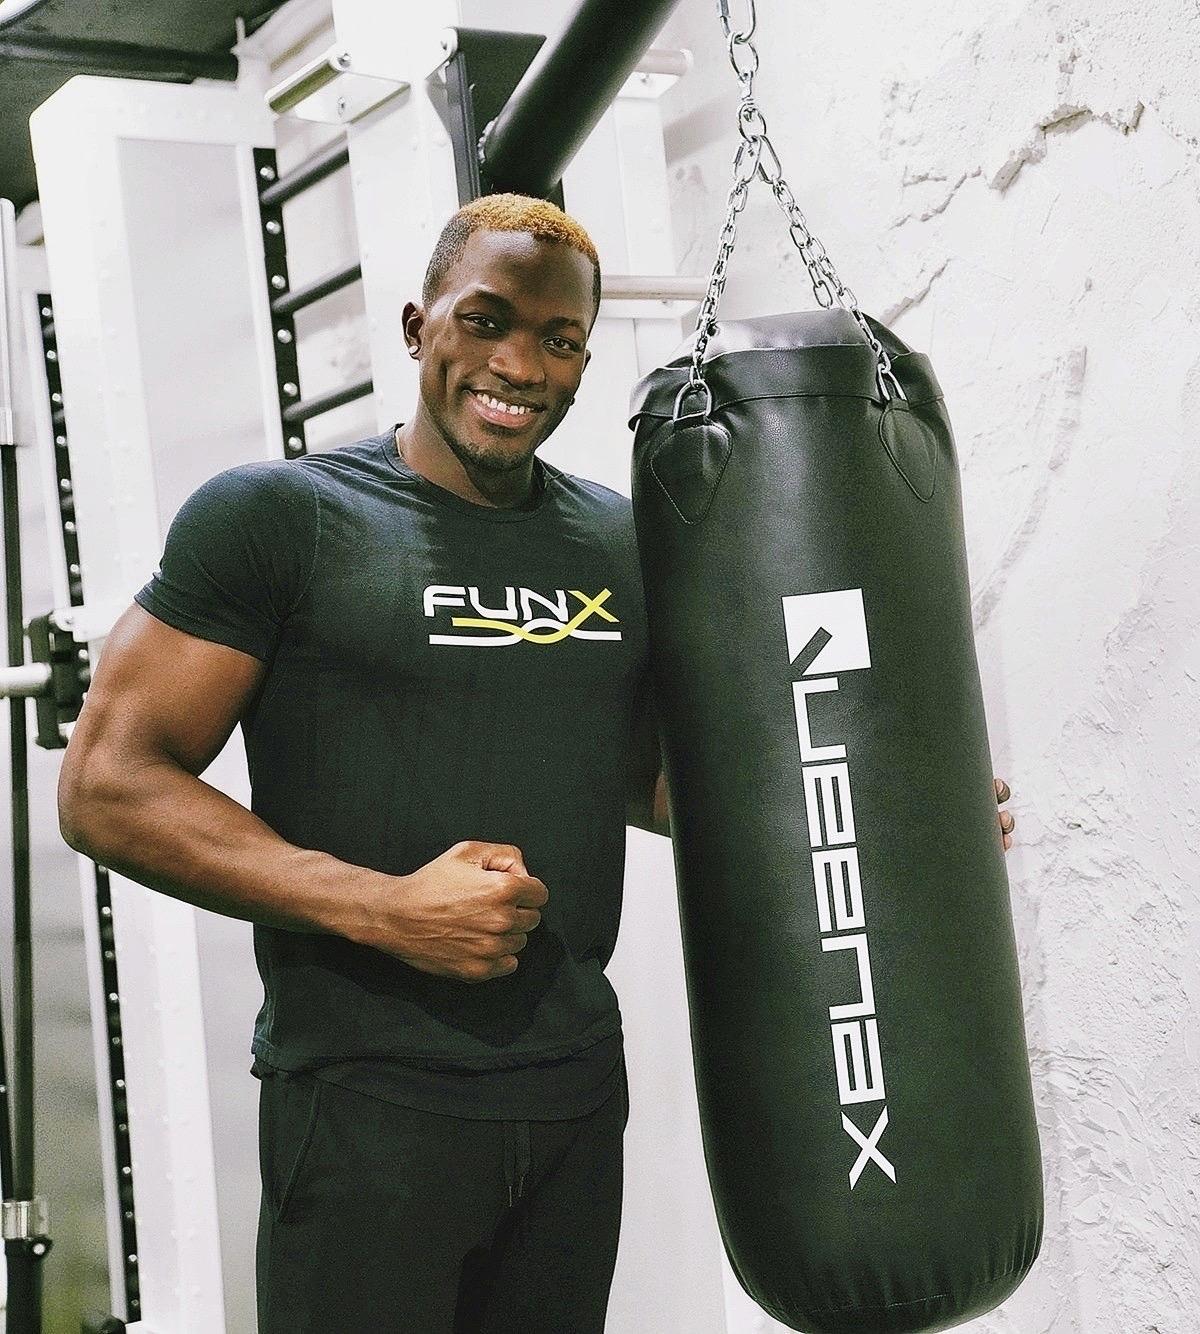 ボクシングとカーデイオ [有酸素運動で脂肪を燃焼させやすいトレーニング]